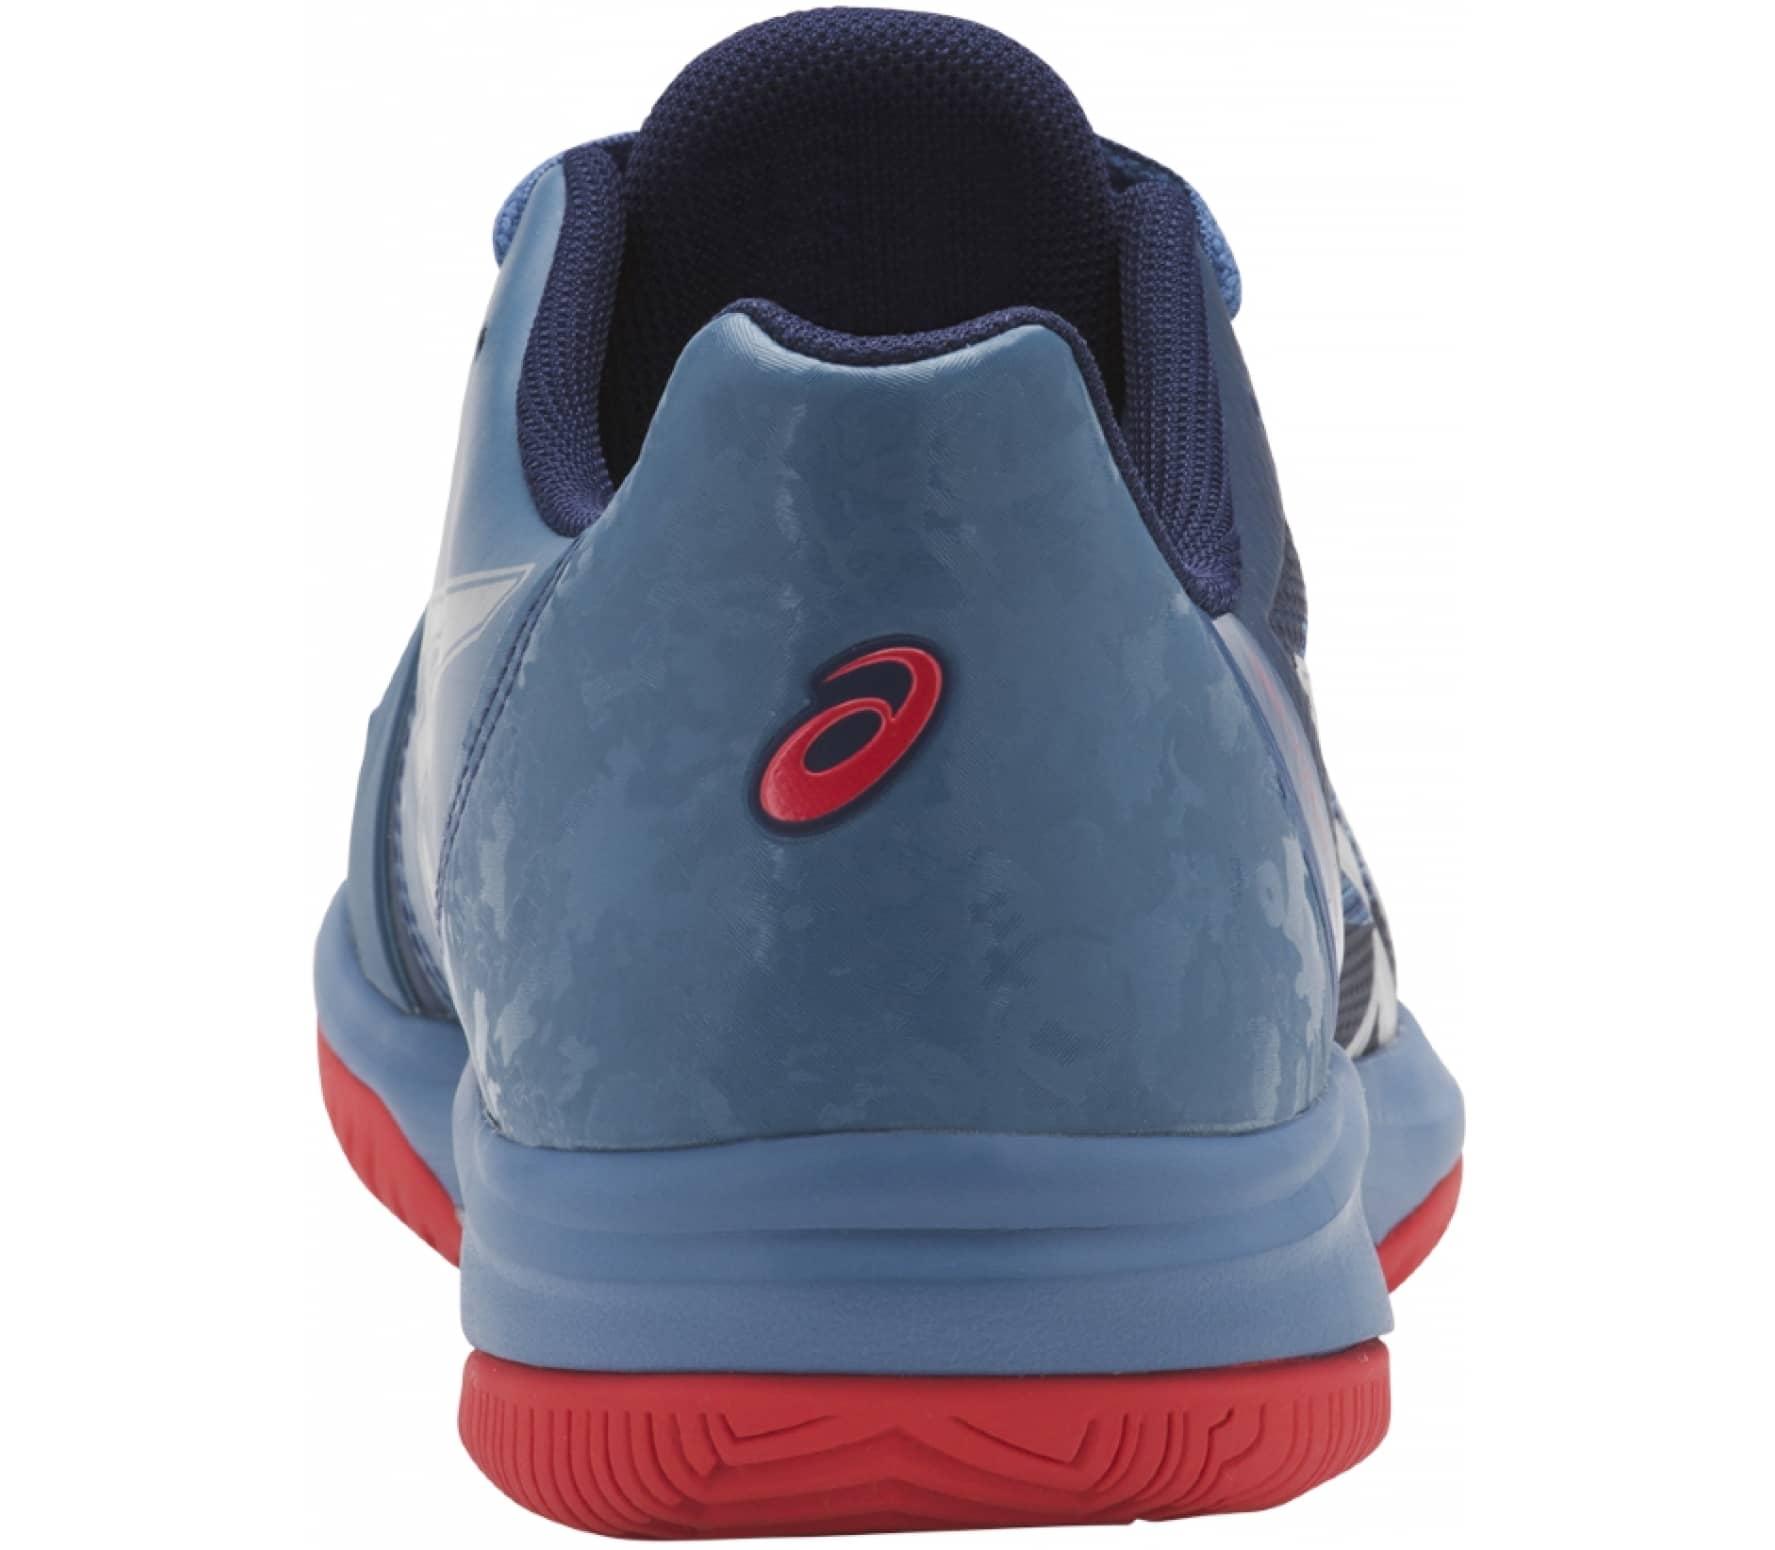 ASICS - Gel-Court Speed Hommes Chaussure de tennis (bleu)